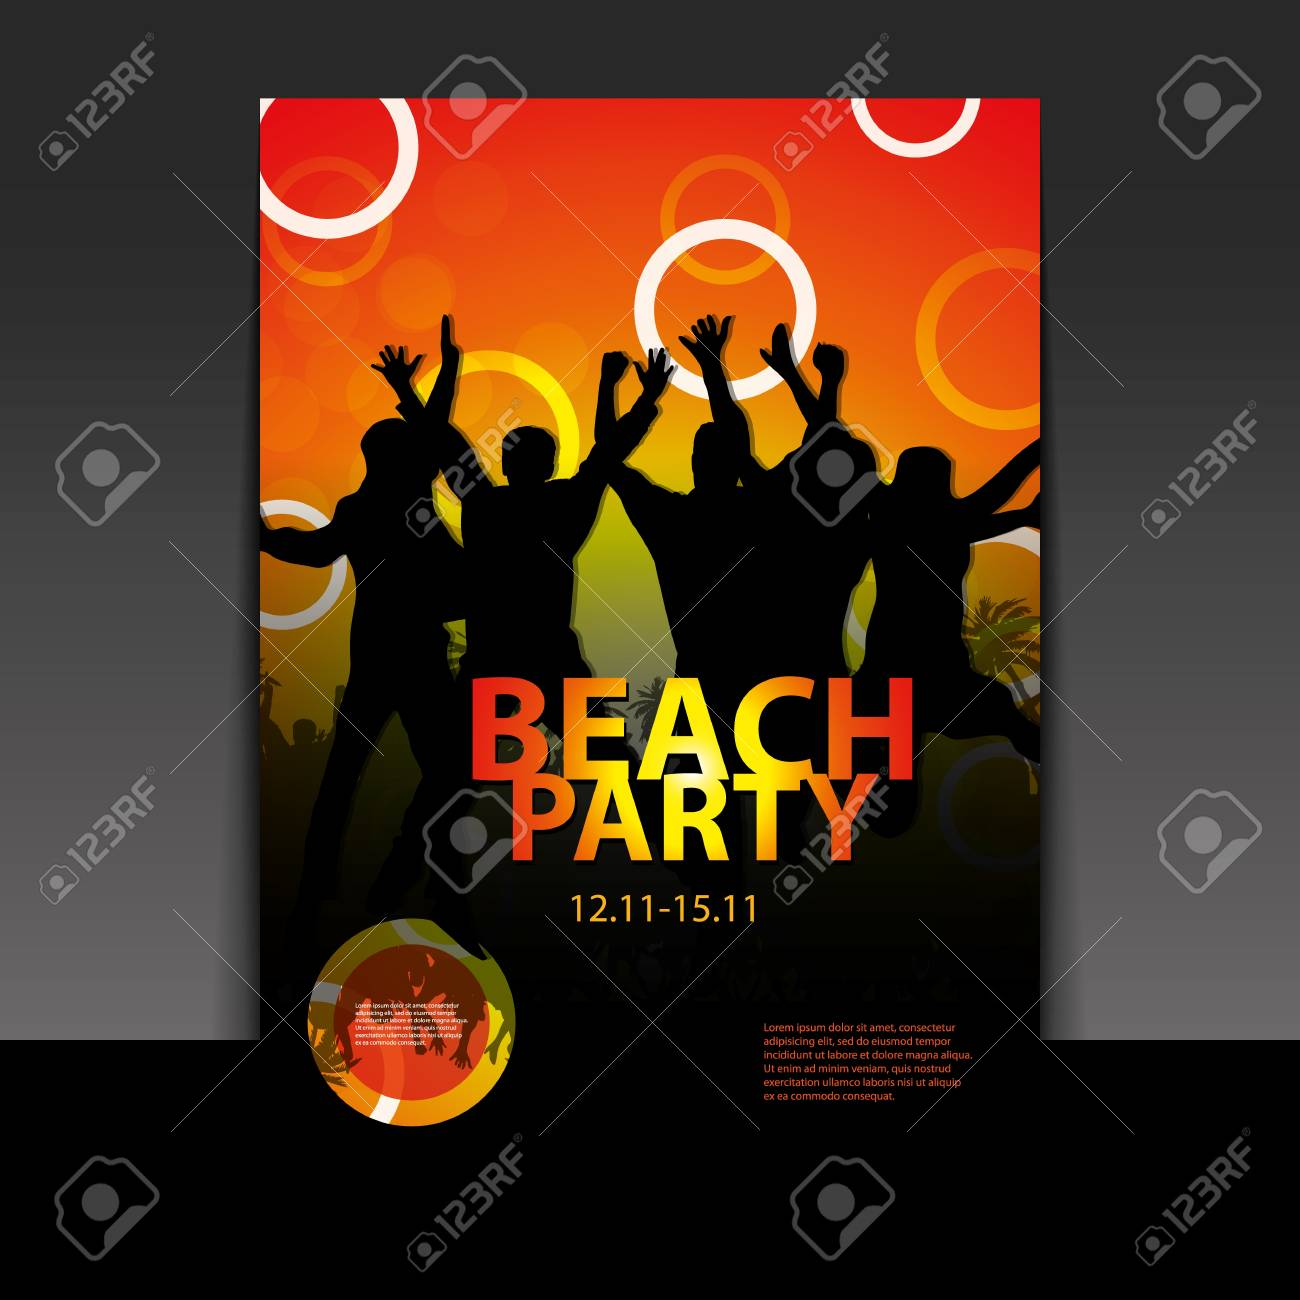 Flyer or Cover Design - Beach Party Stock Vector - 16730322